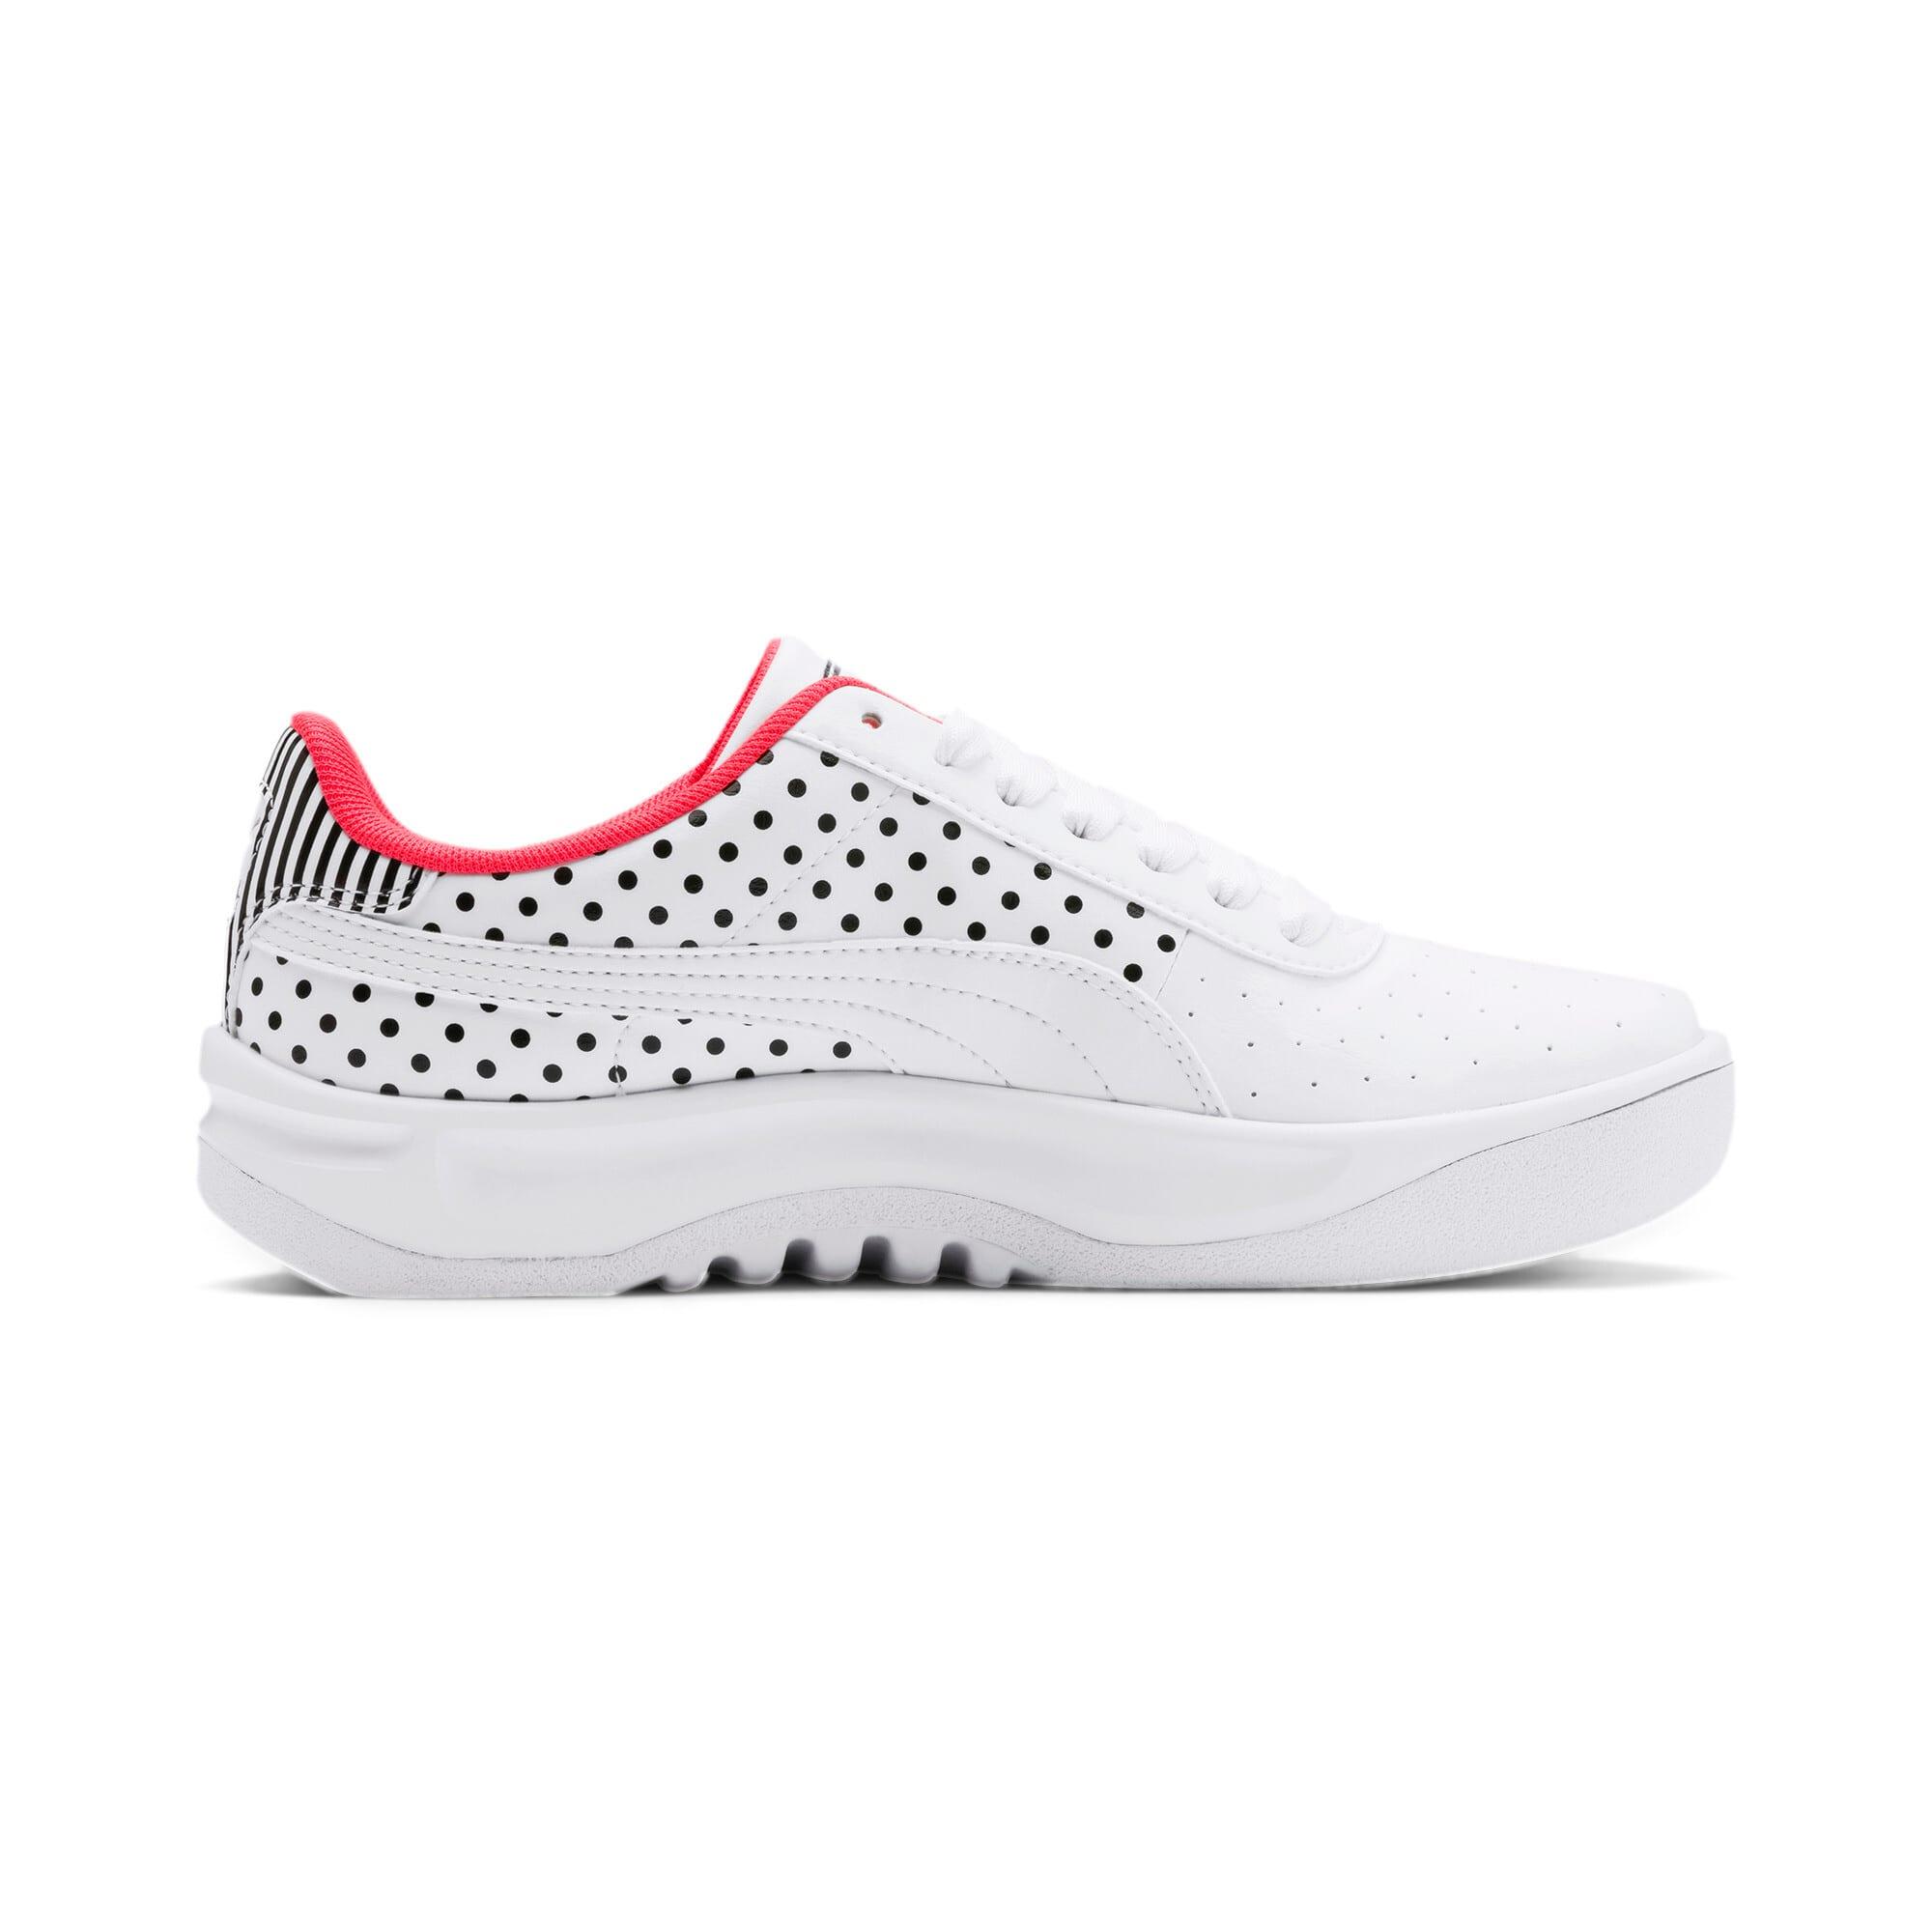 Miniatura 6 de Zapatos deportivosCalifornia Remix para mujer, Puma White-Puma Black, mediano